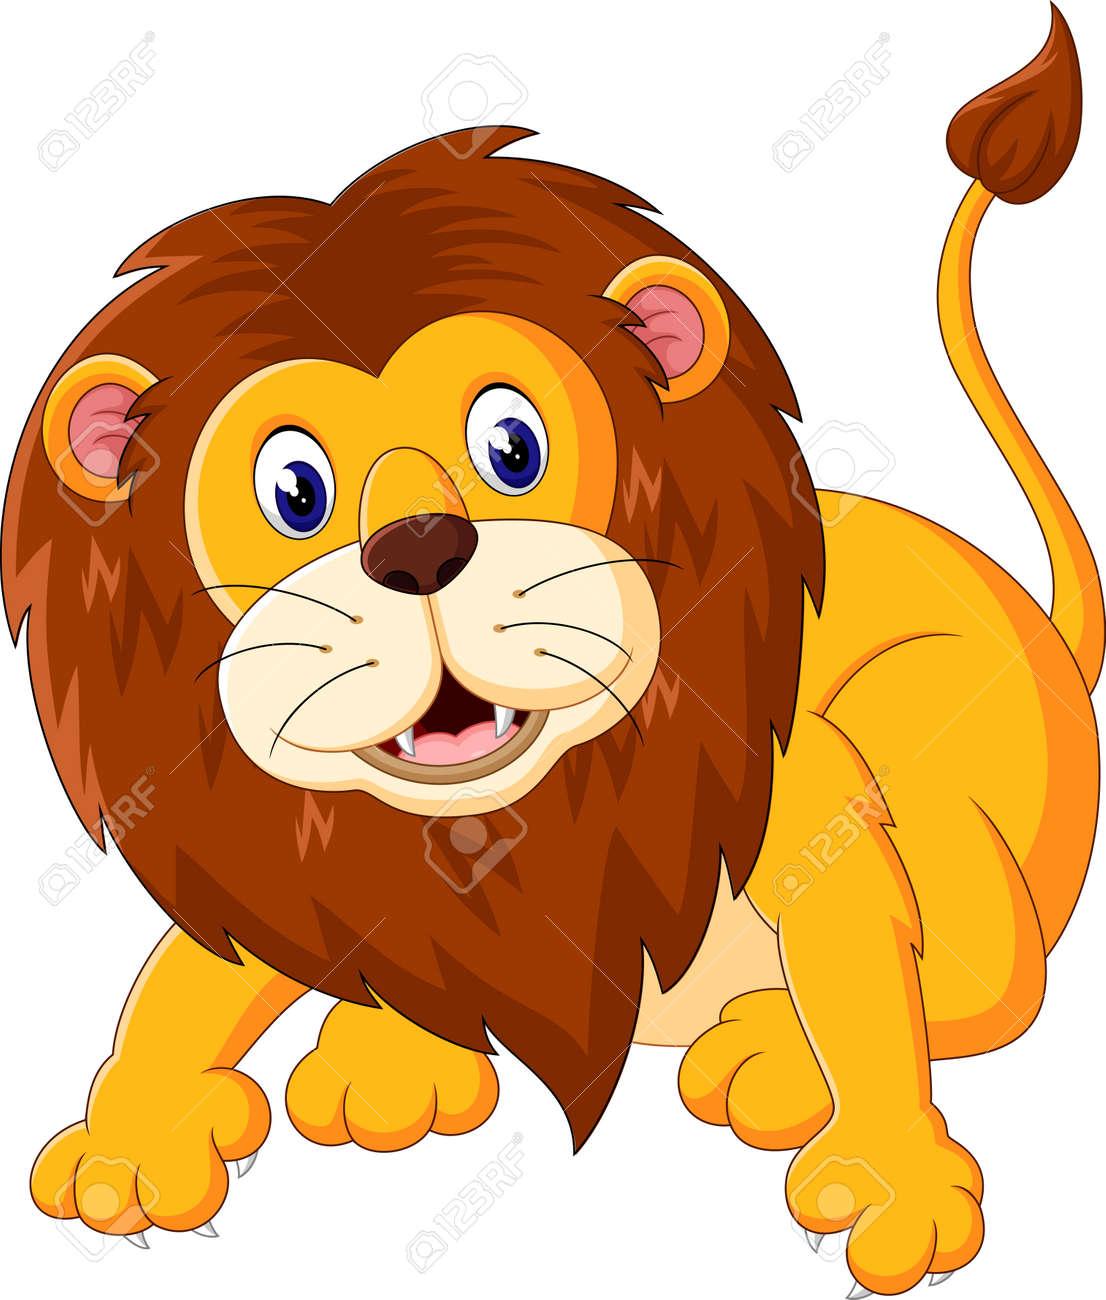 イラストのかわいいライオン漫画 の写真素材画像素材 Image 50993302